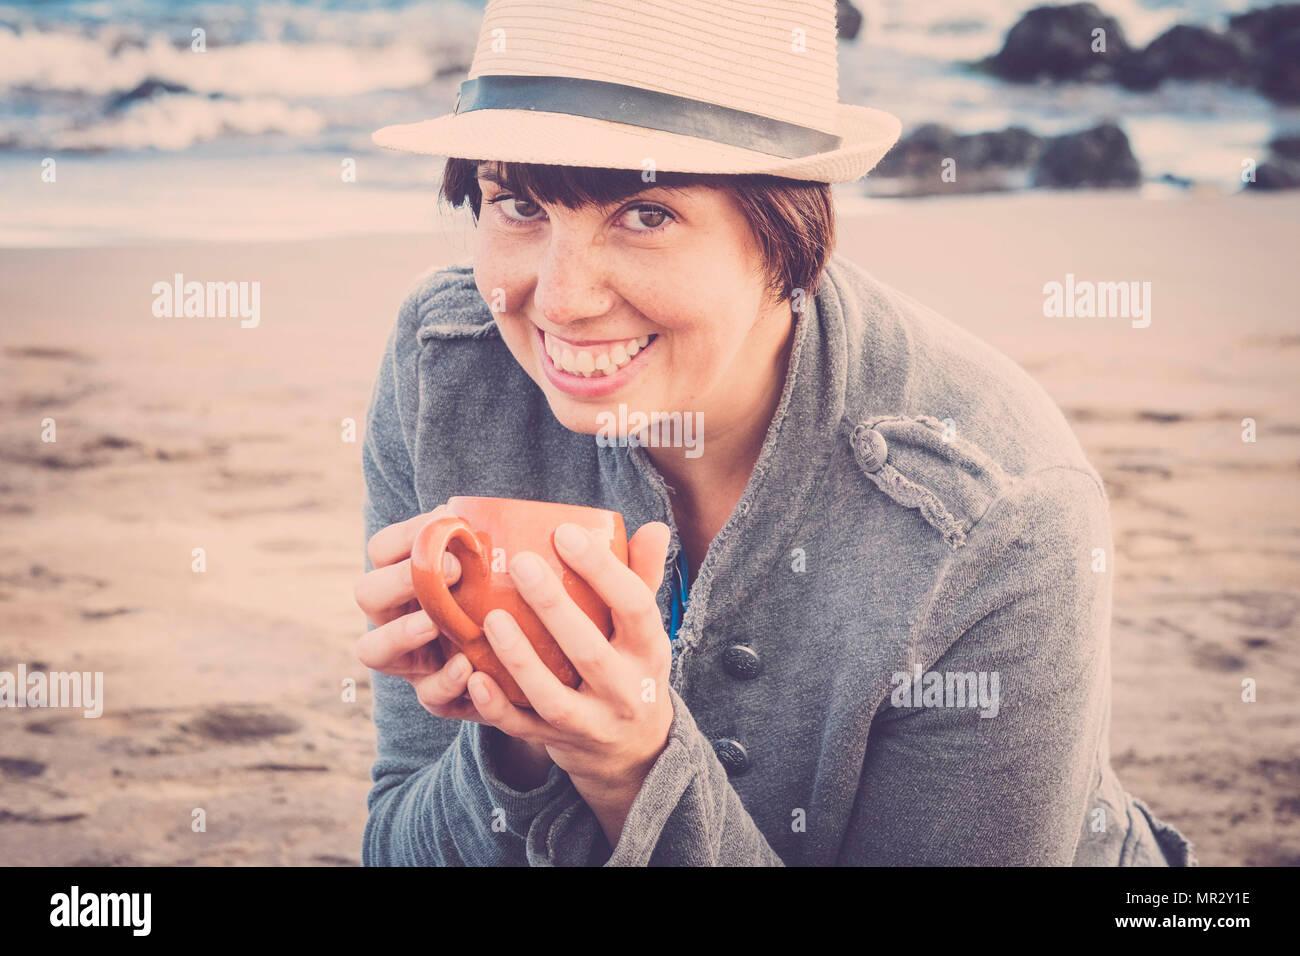 Belle jeune femme s'asseoir à la plage de l'océan avec en arrière-plan. boire une tasse de thé ou de café pour une activité de loisirs relalxed et connecté Photo Stock